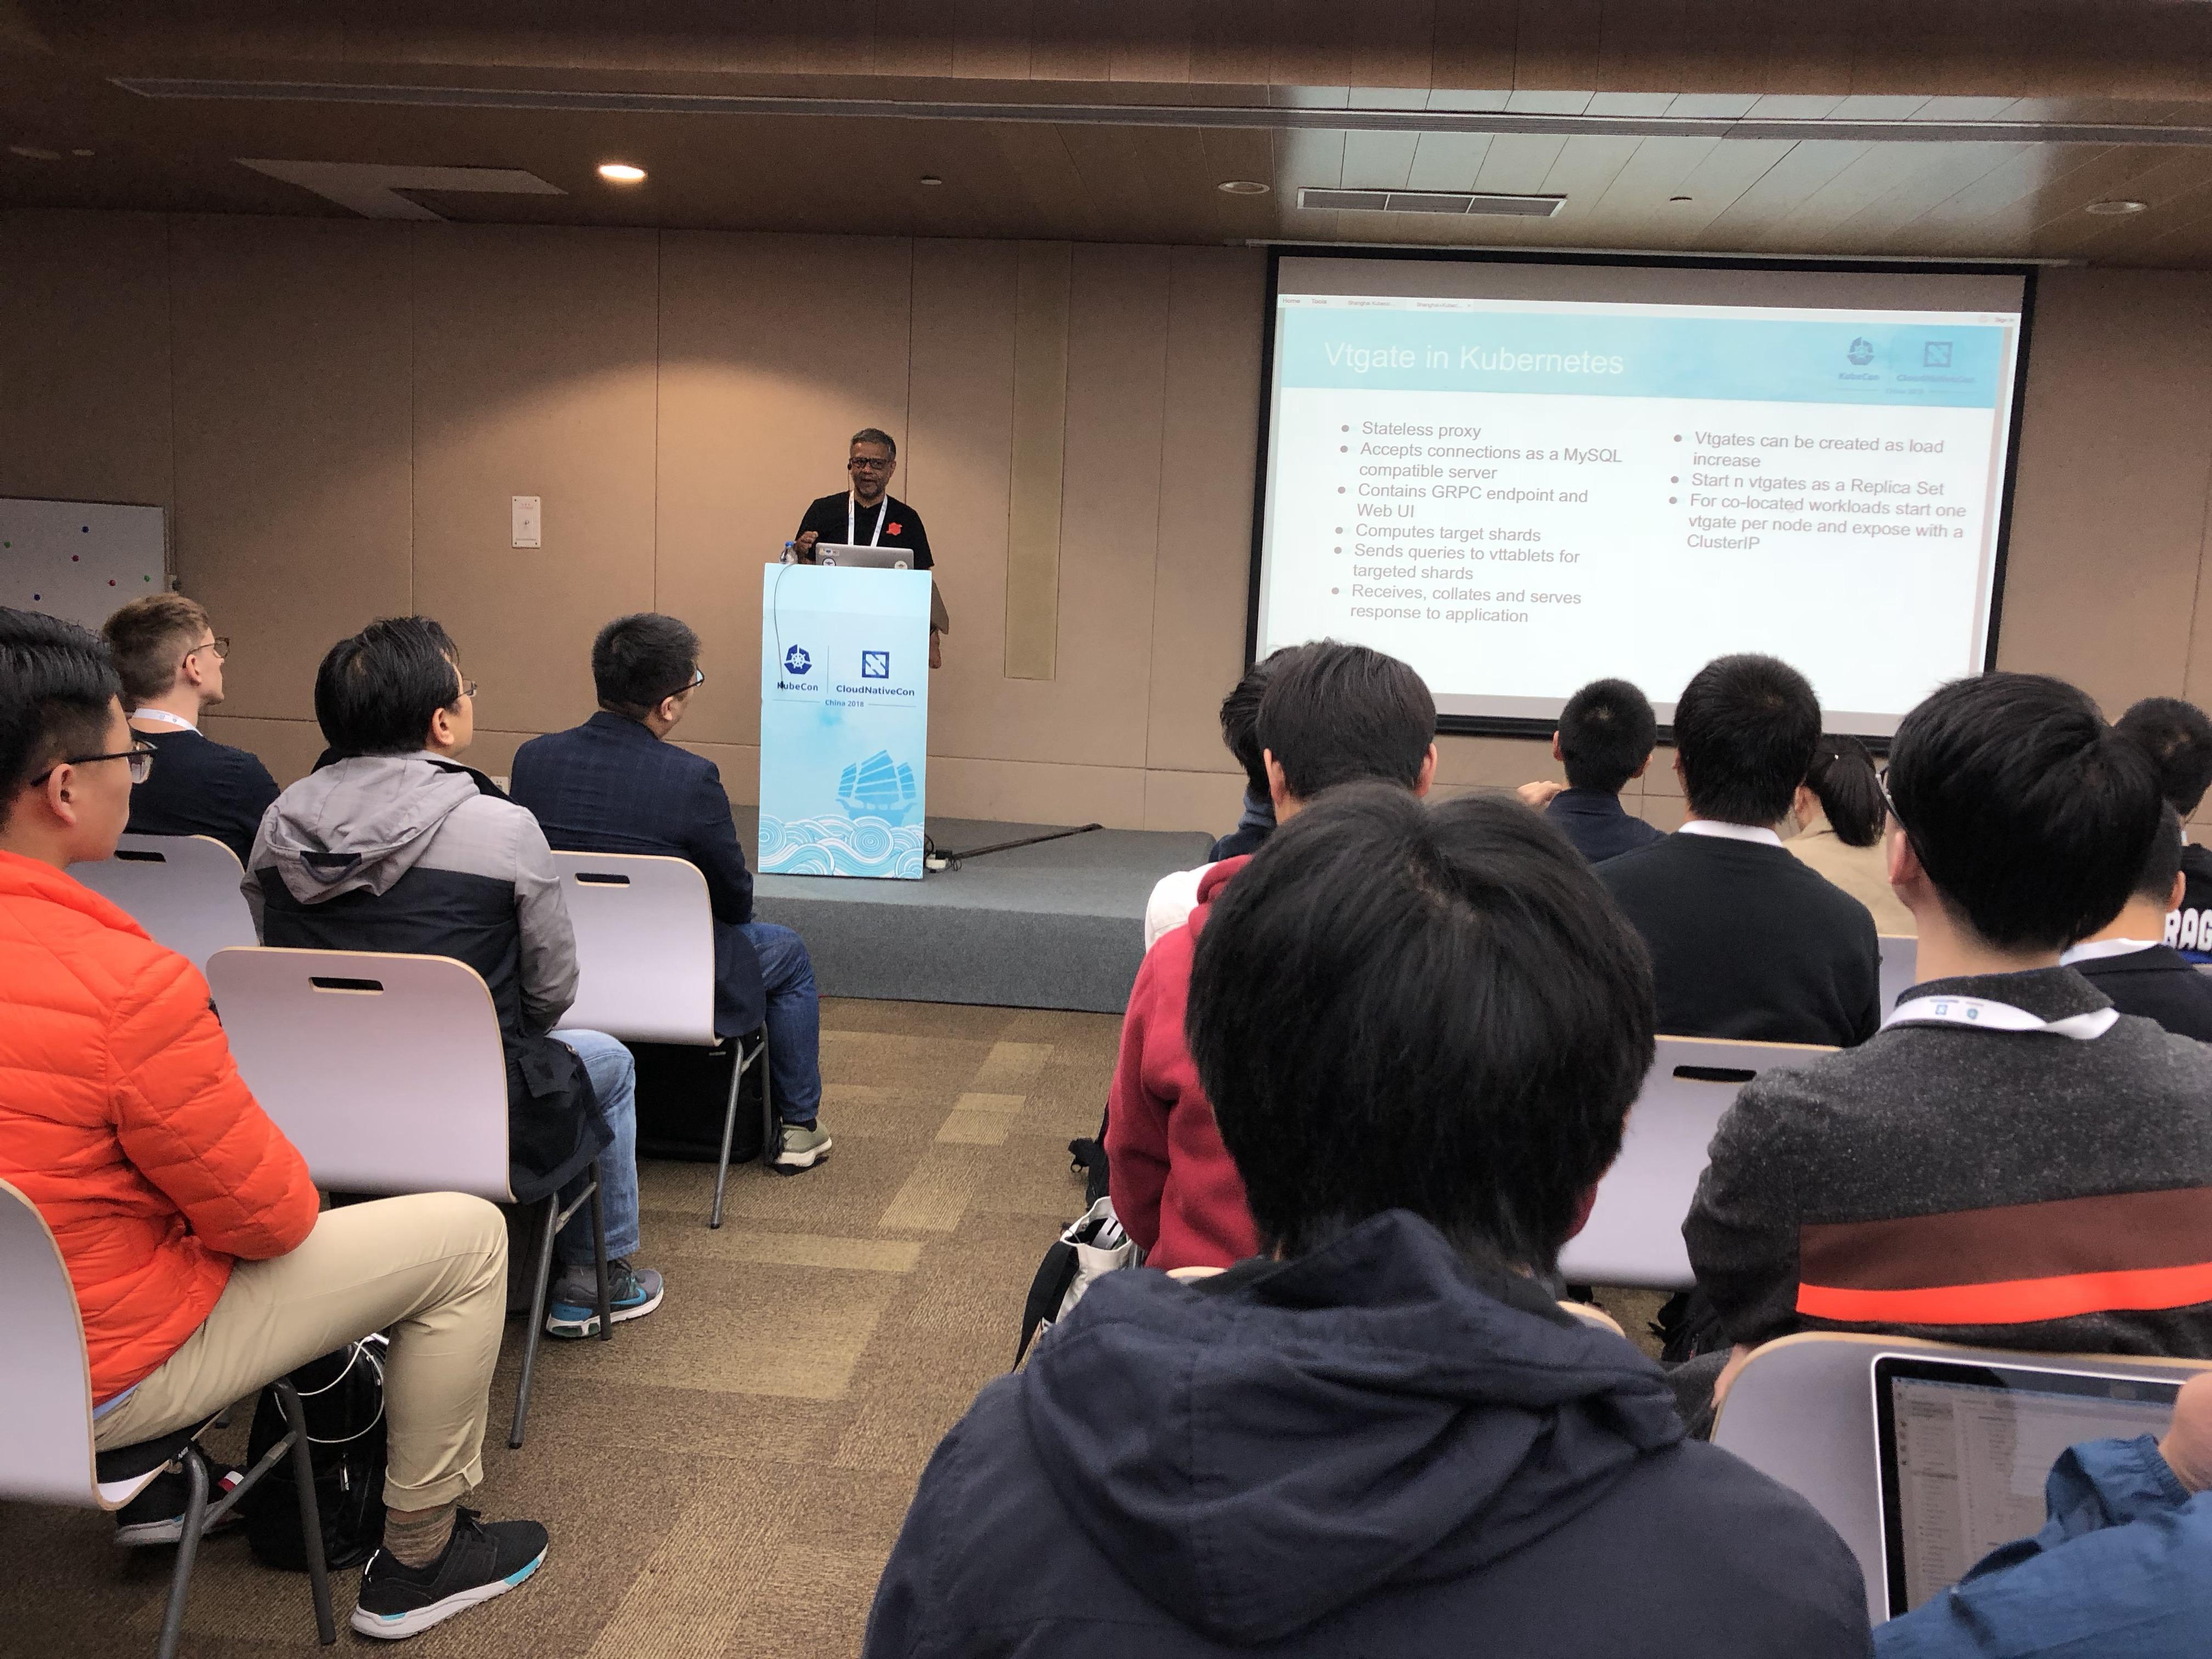 Jiten presenting at KubeCon Shanghai 2018